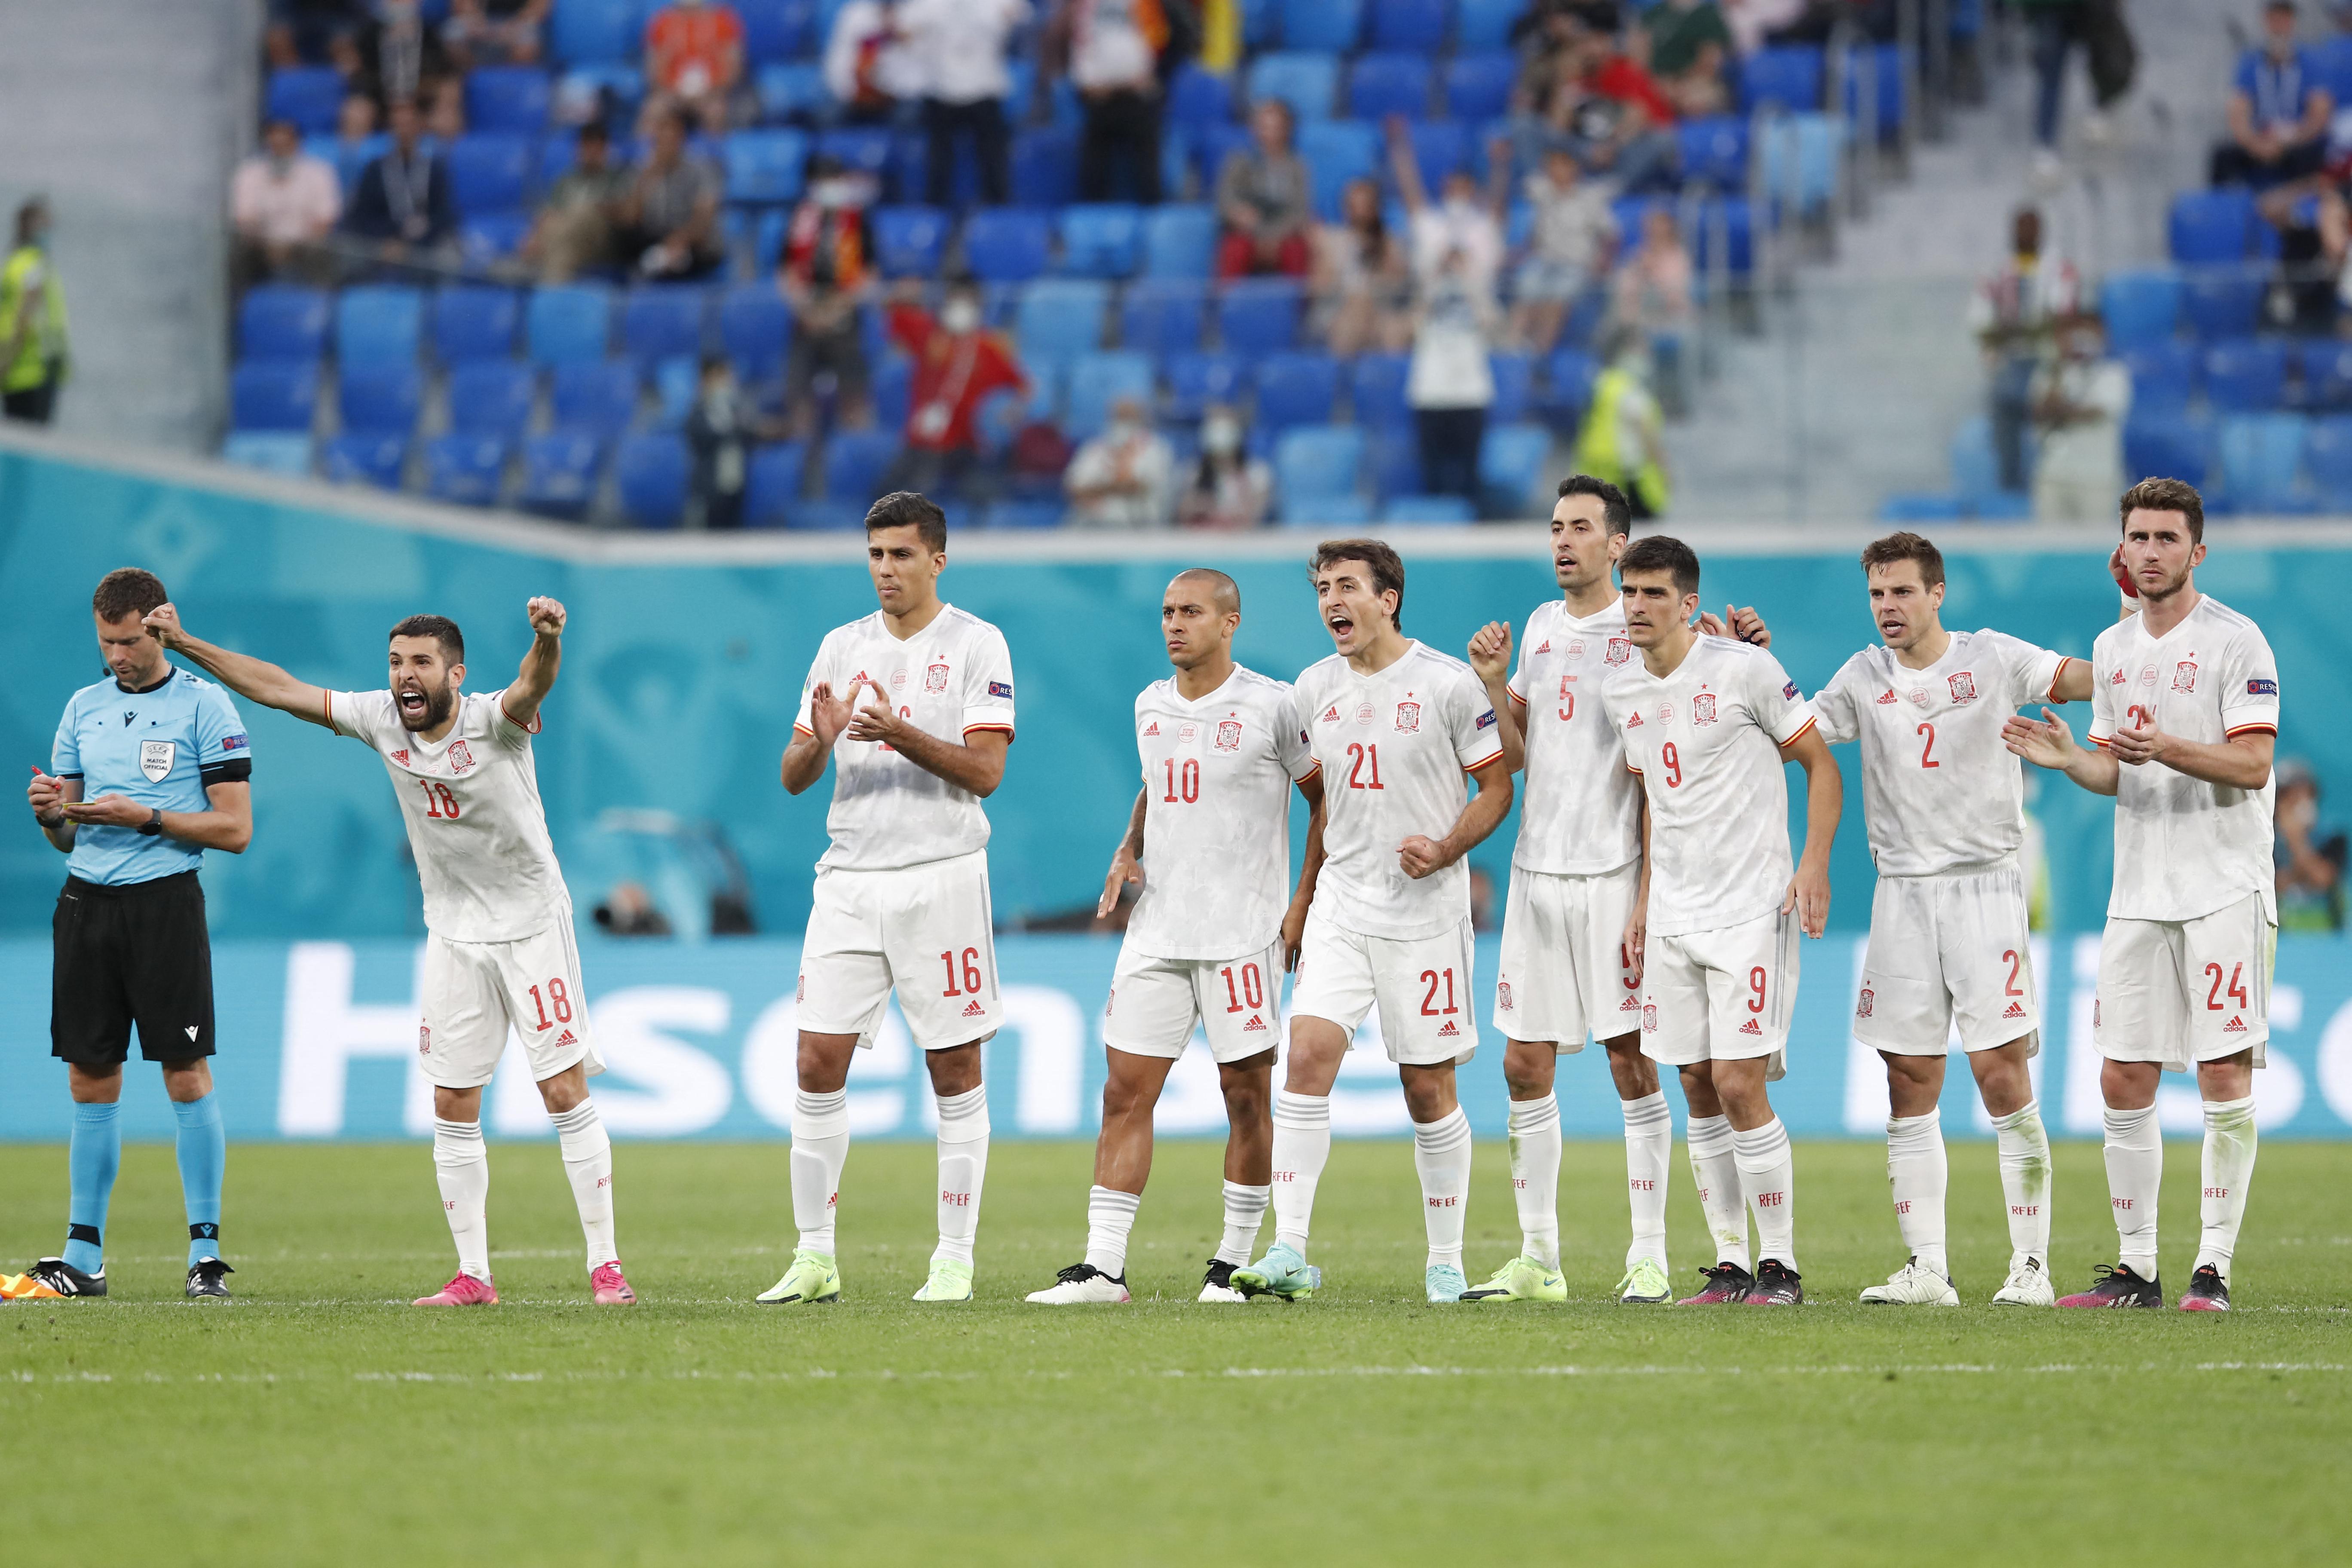 Spanyolország az angol játékvezető hatékony segítségével csak legyűrte Svájcot